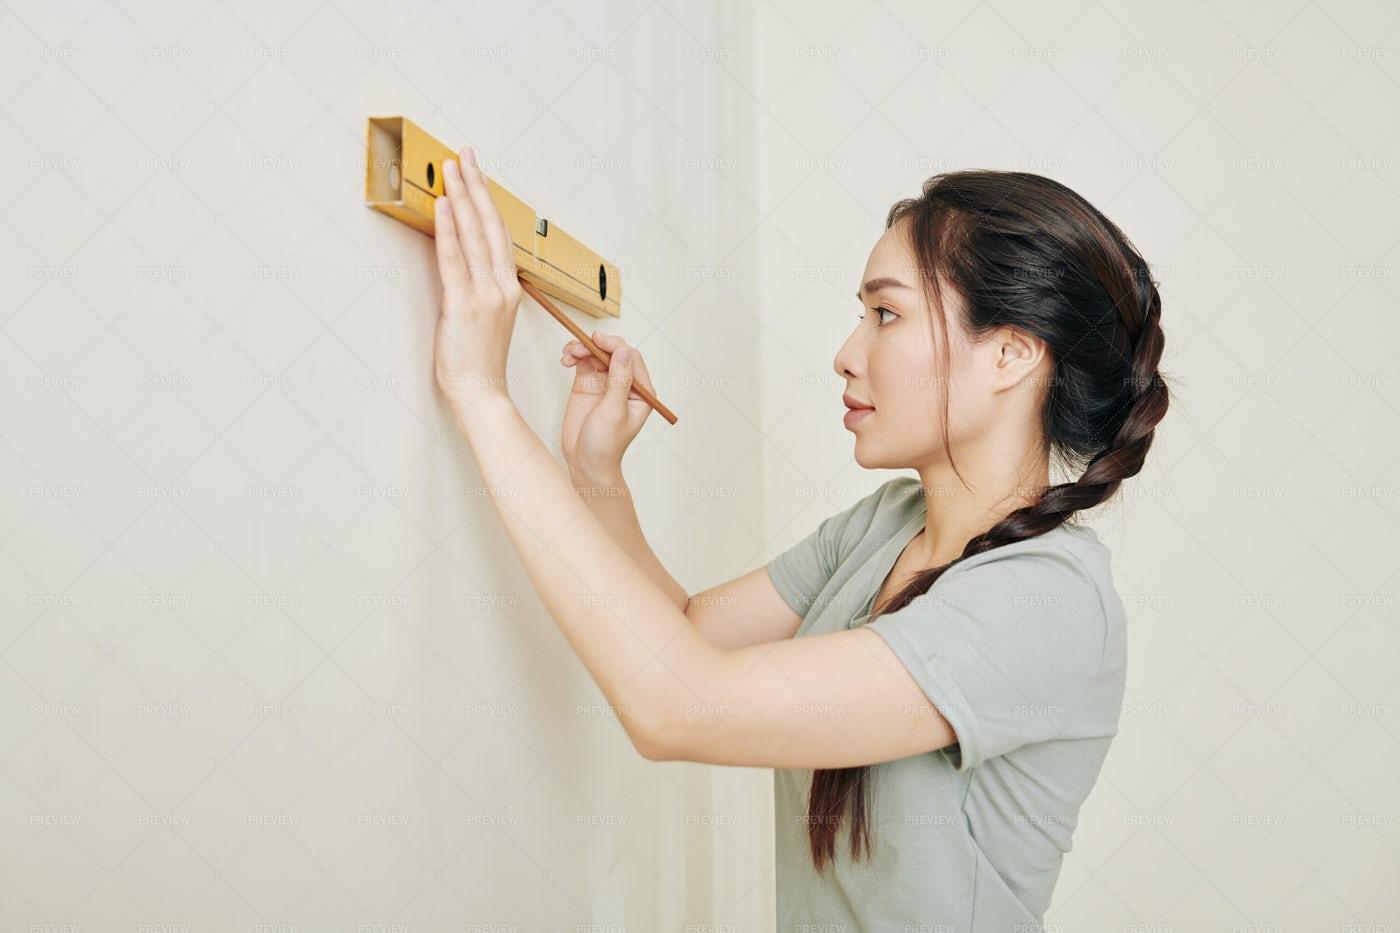 Woman Renovating Room: Stock Photos